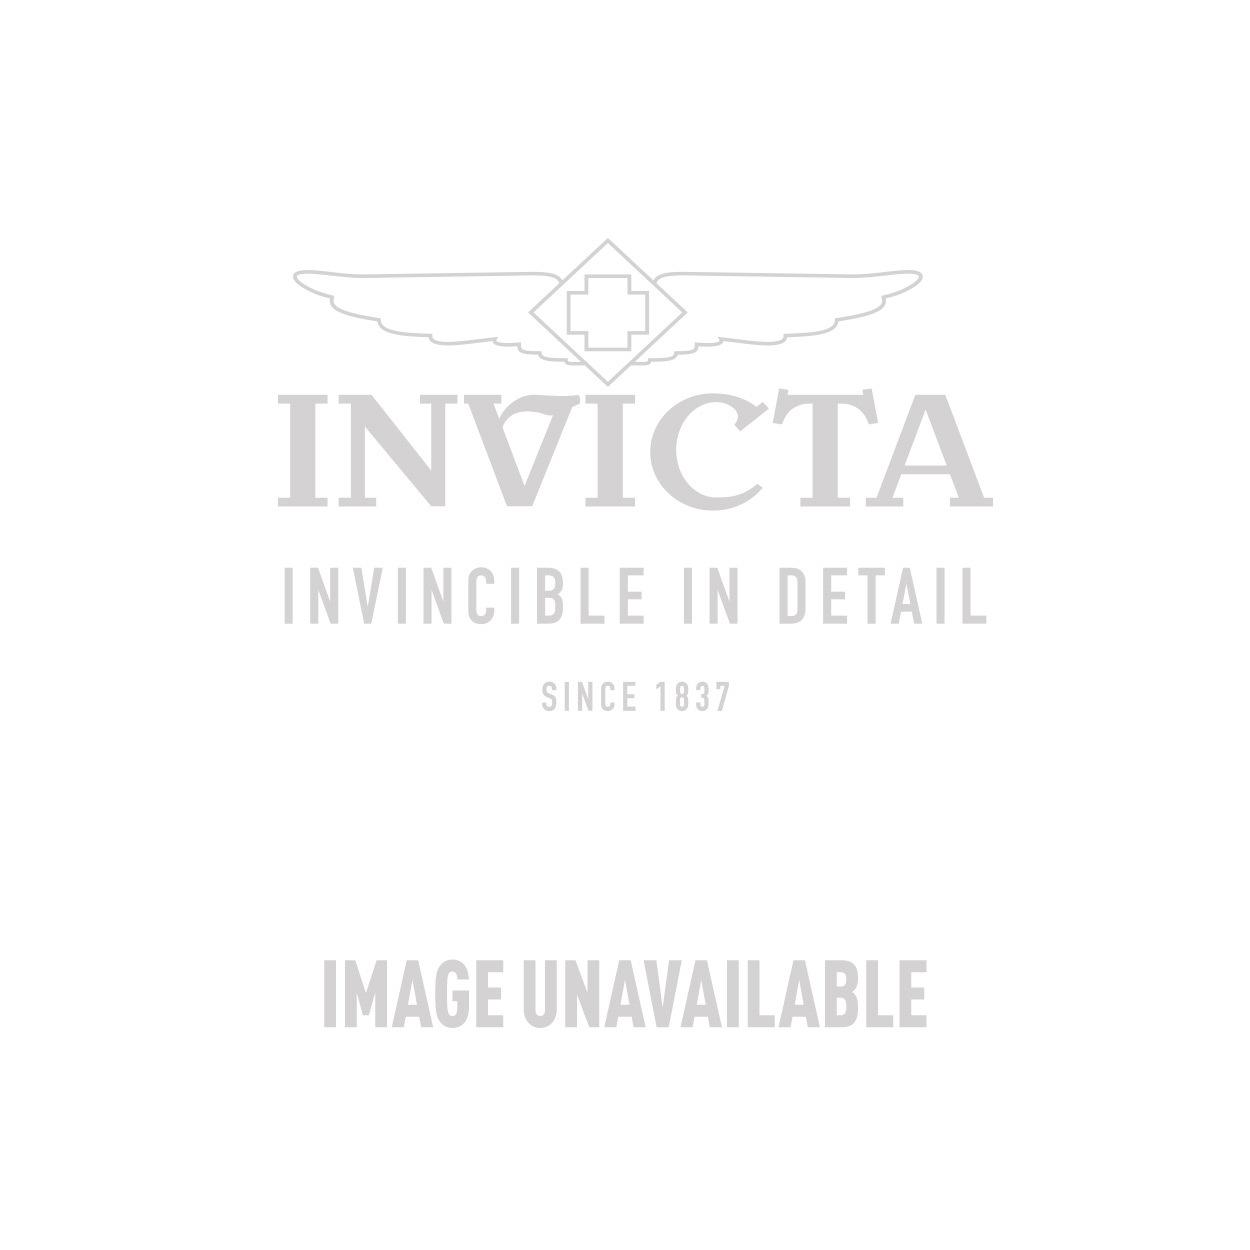 Invicta Model 25491